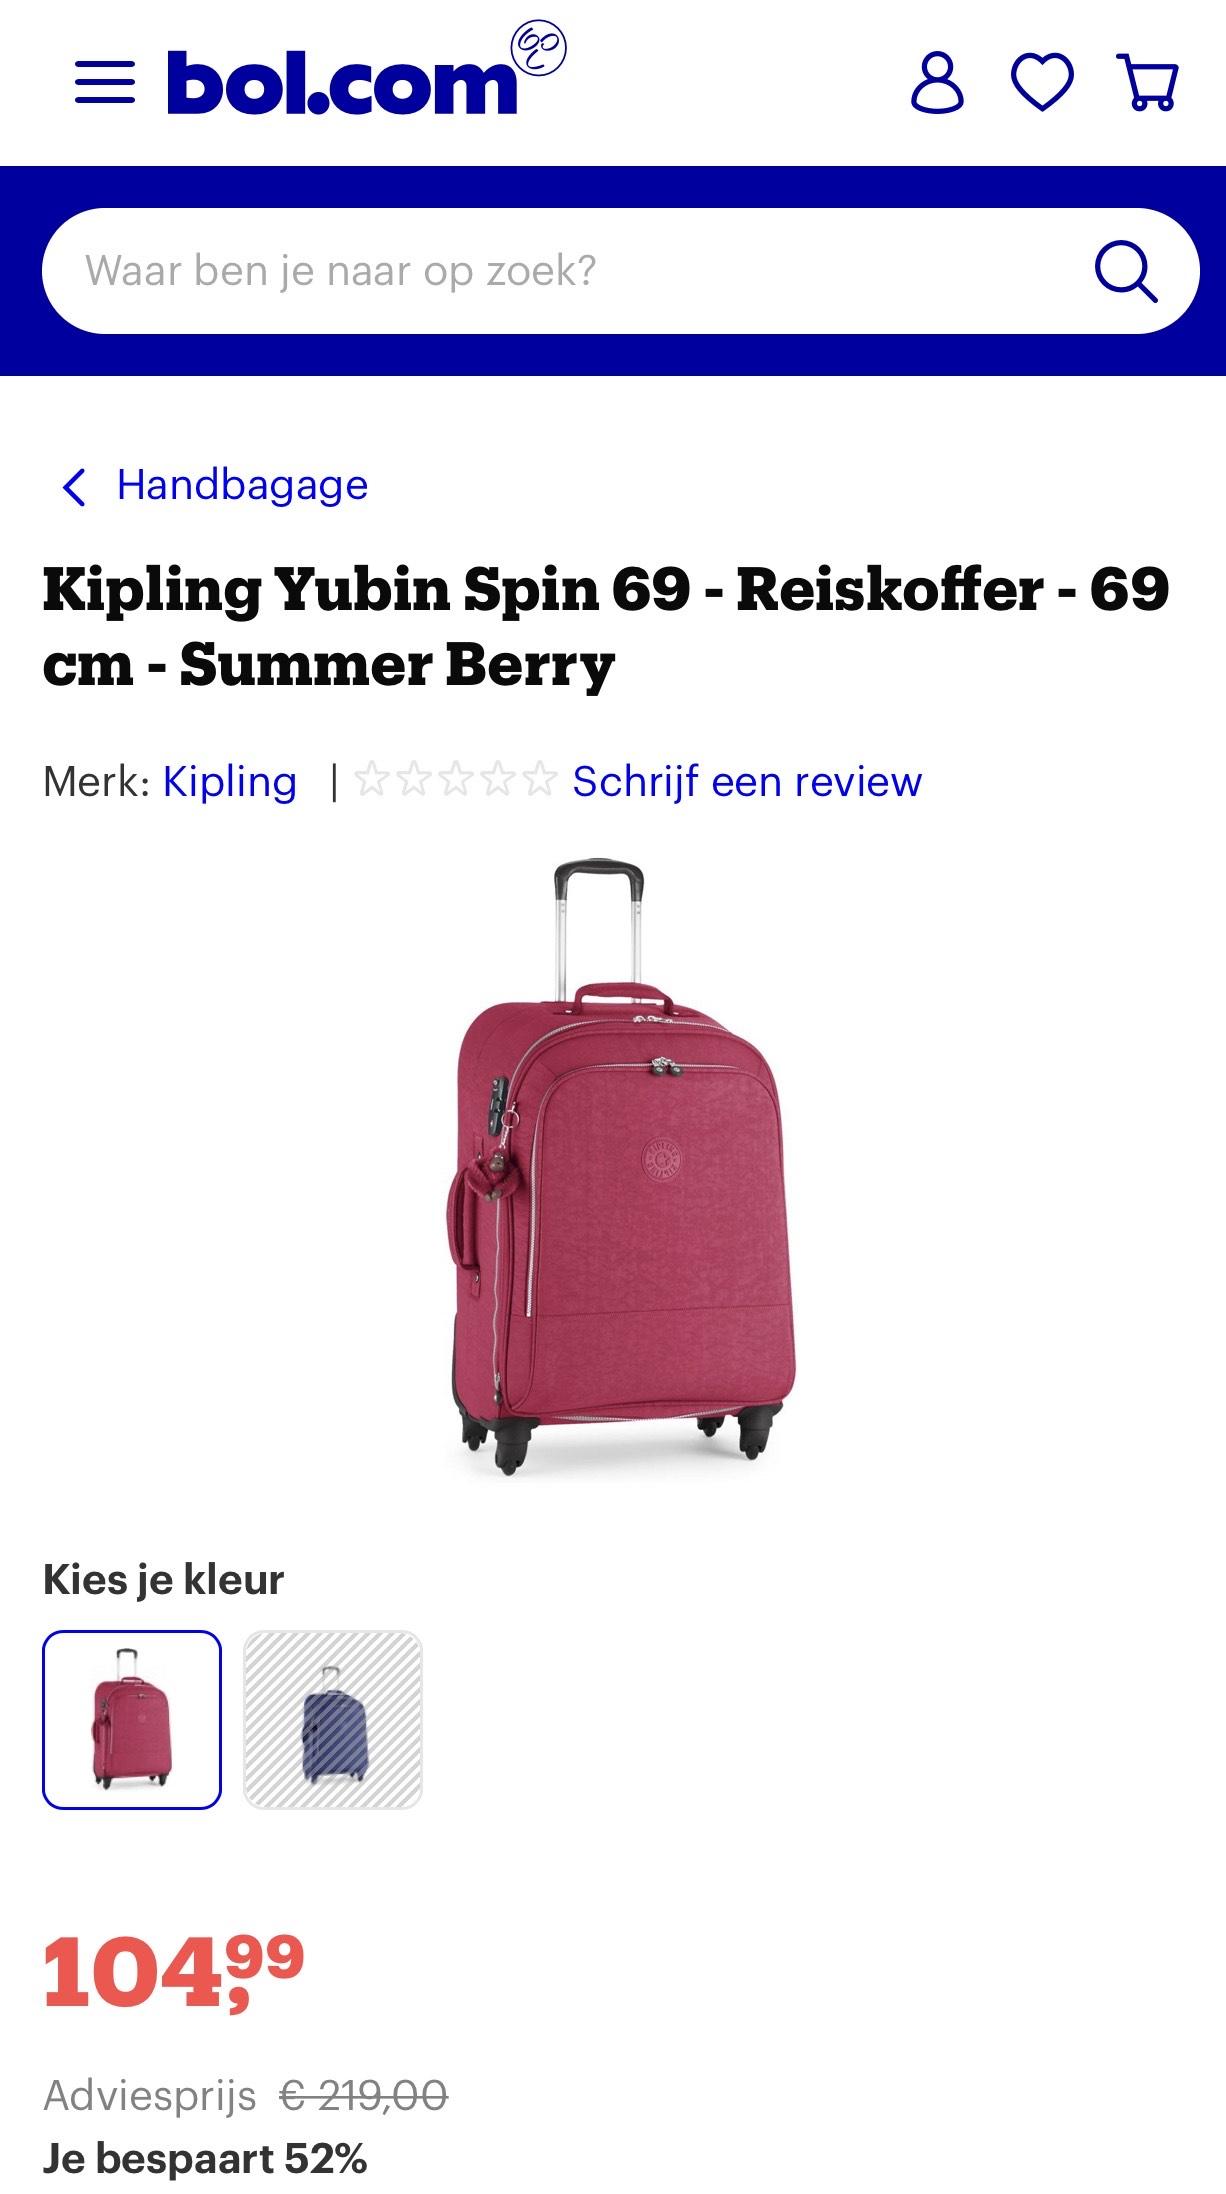 Kipling Yubin Spin 69 - Reiskoffer - 69 cm - Summer Berry